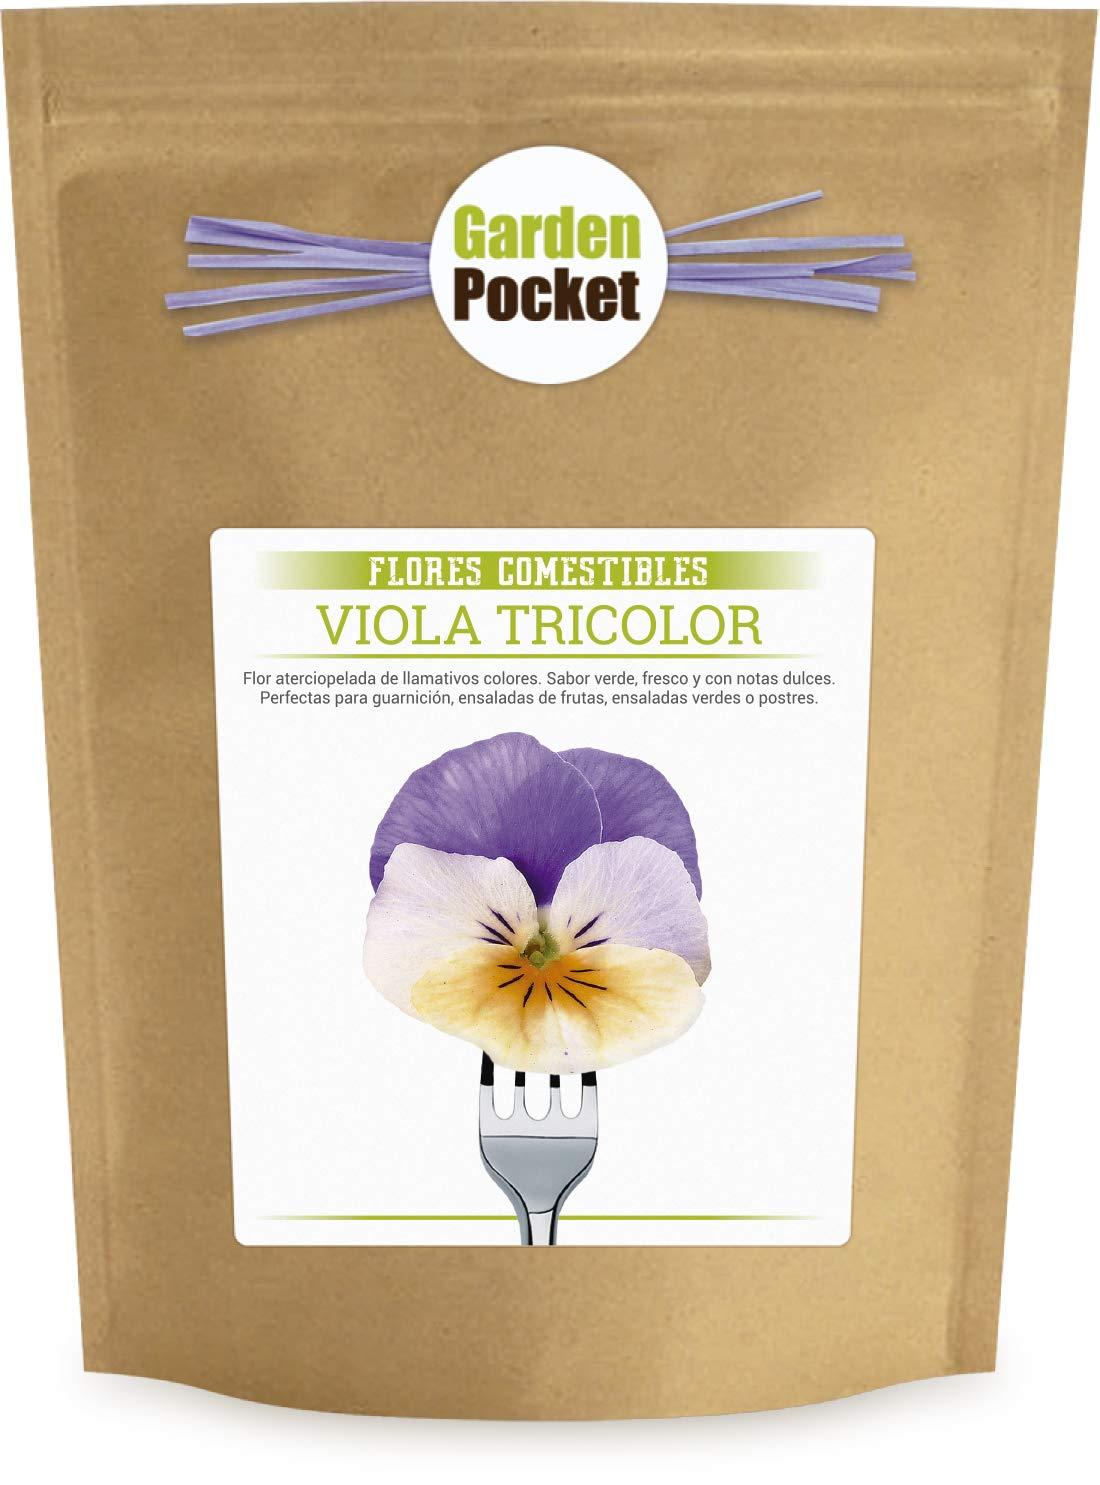 Kit cultivo Flores Comestibles - Pensamientos Garden Pocket